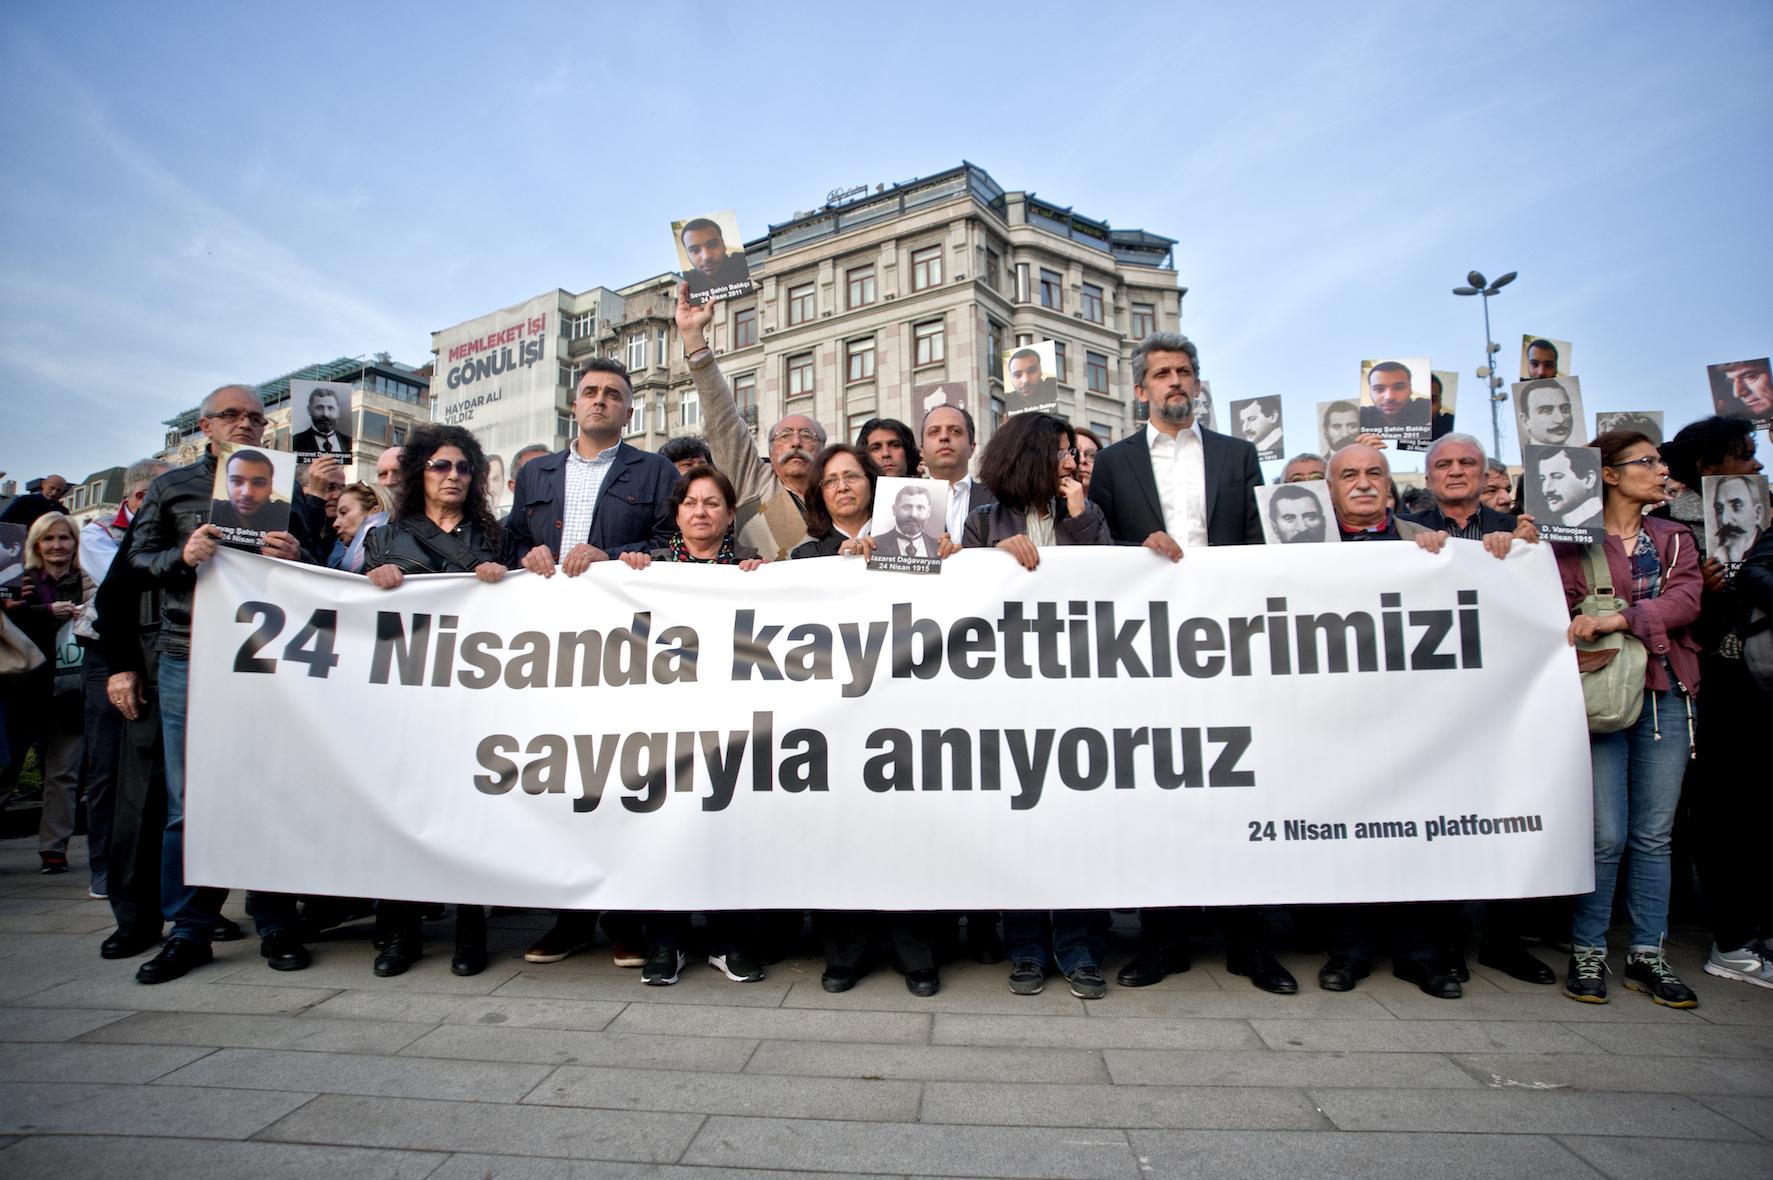 Şişhane'de 24 Nisan anması: 'Yüzleşme mücadelesi devam etmek zorunda'